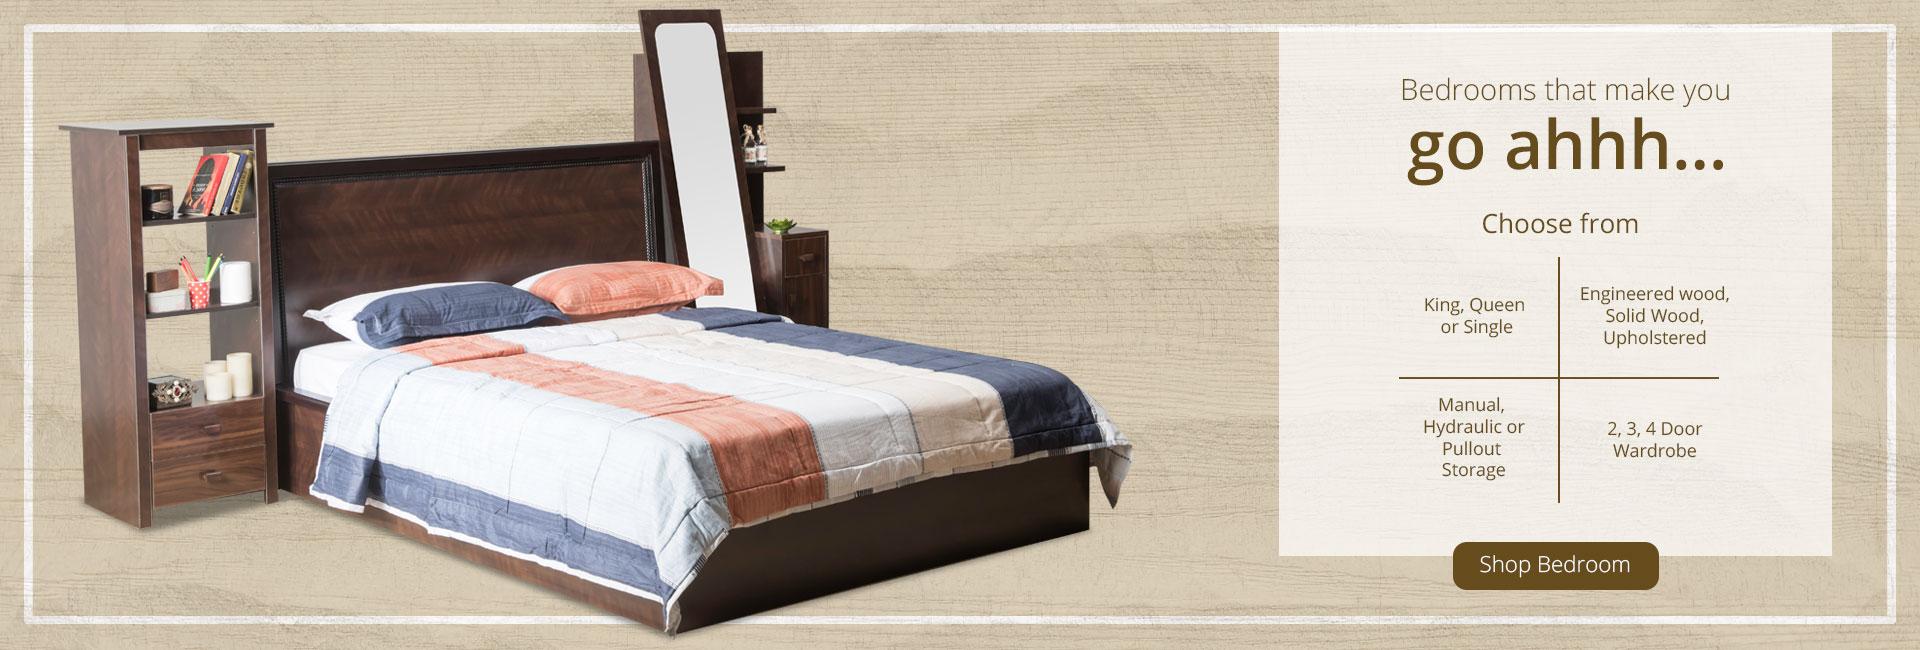 Shop Bedroom Furniture!